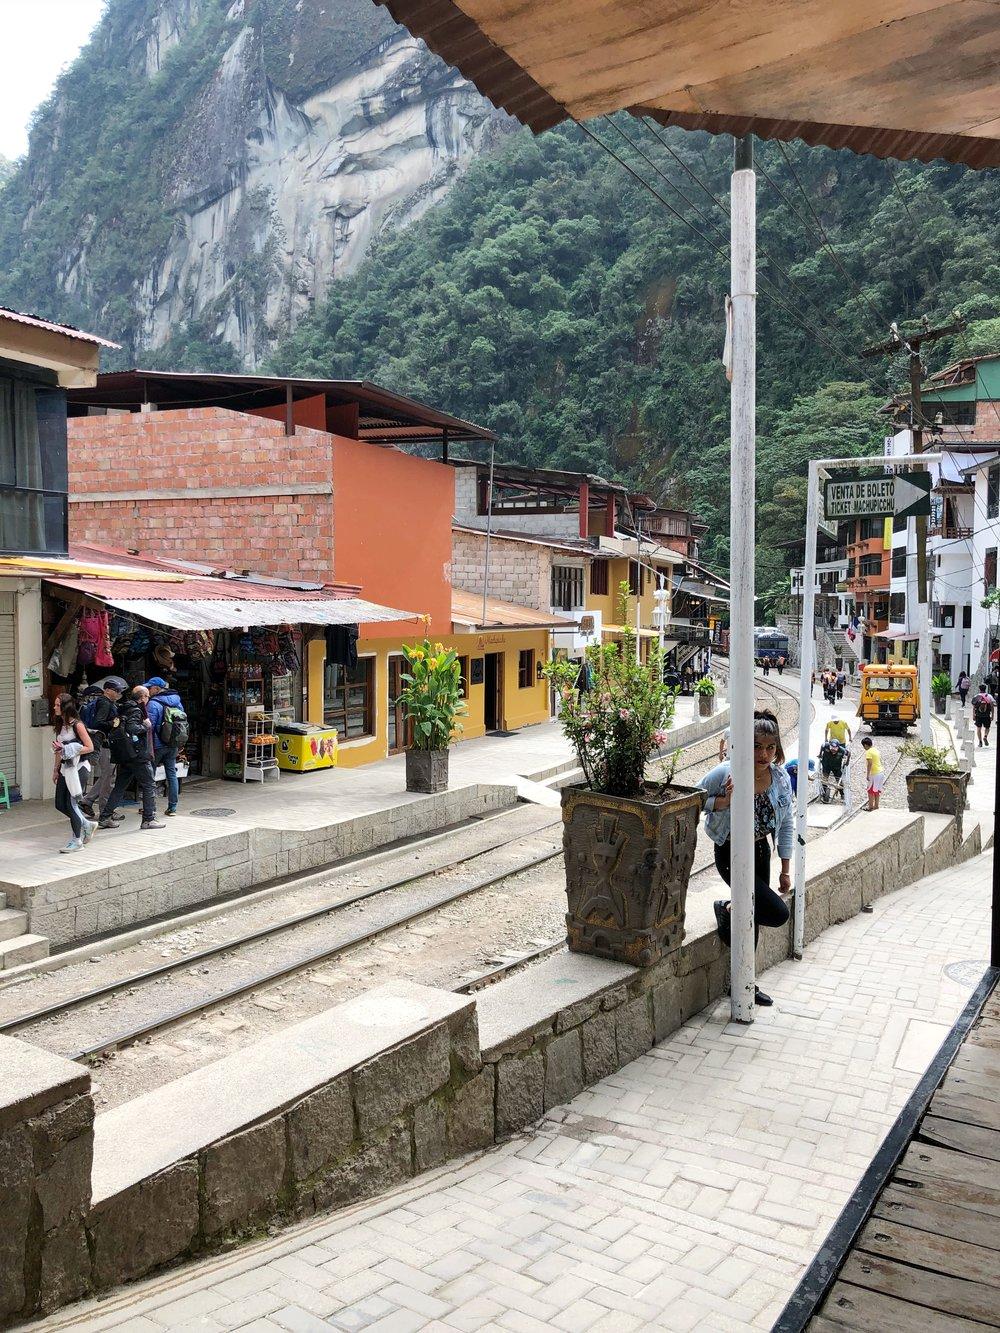 The main train track of Aguascalientes